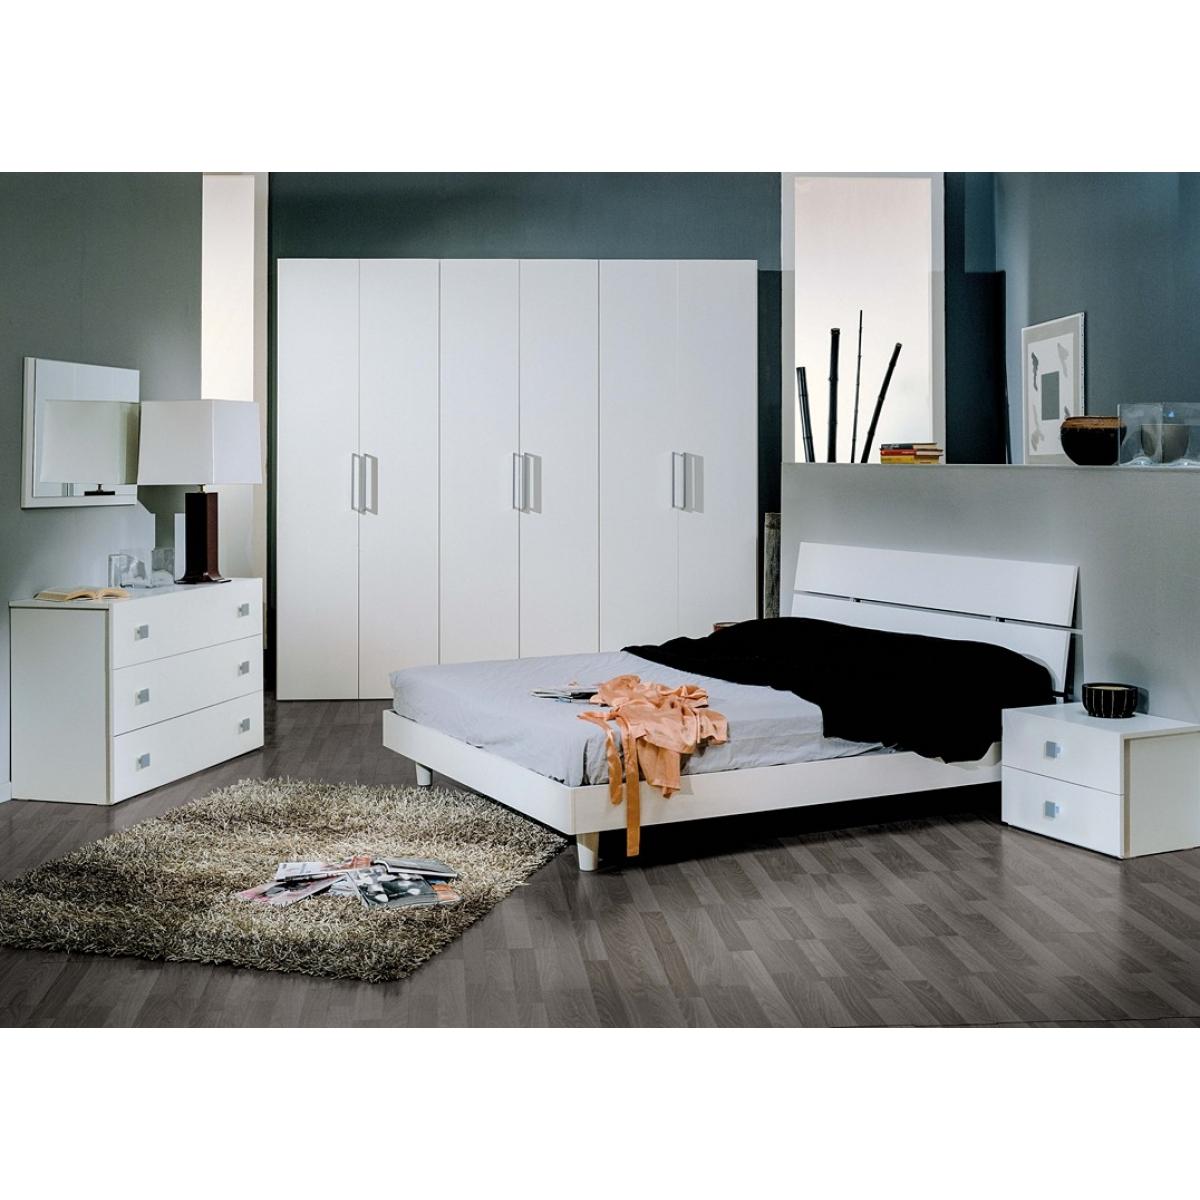 834 camera da letto completa moderna - Camera da letto completa ...